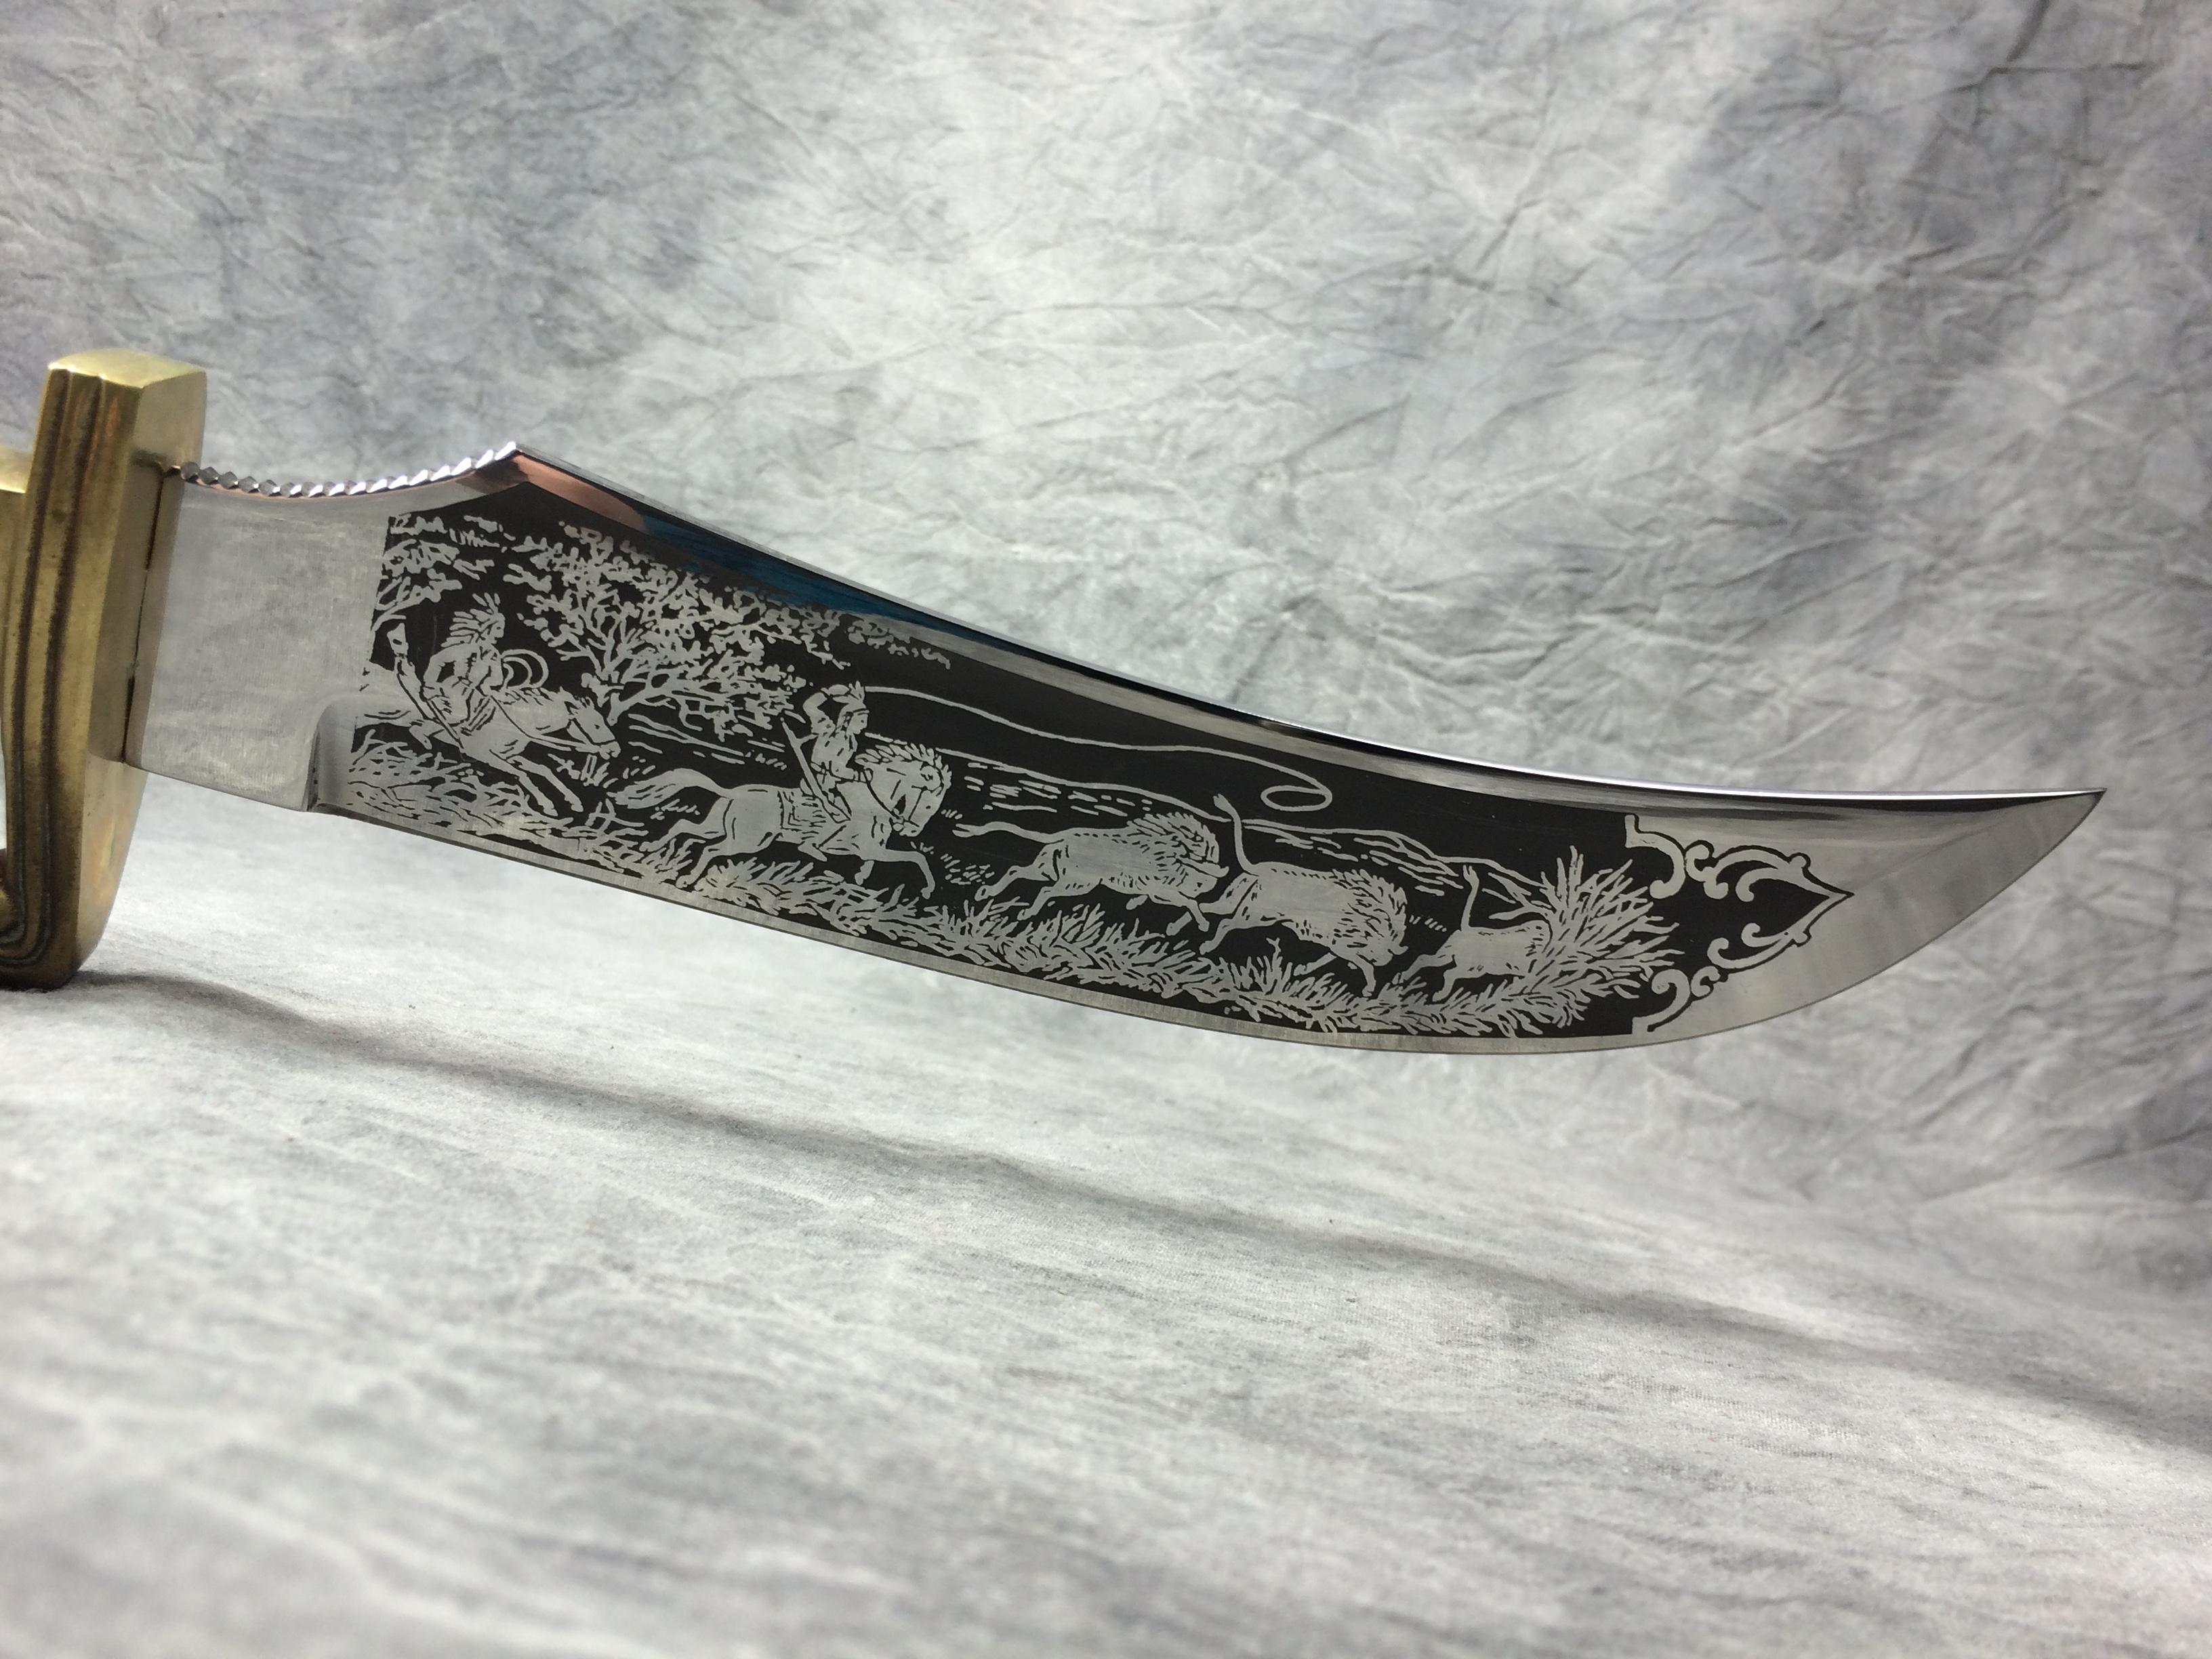 linder messer rehwappen solingen 13 1 2 stag bowie knife with sheath current market value. Black Bedroom Furniture Sets. Home Design Ideas